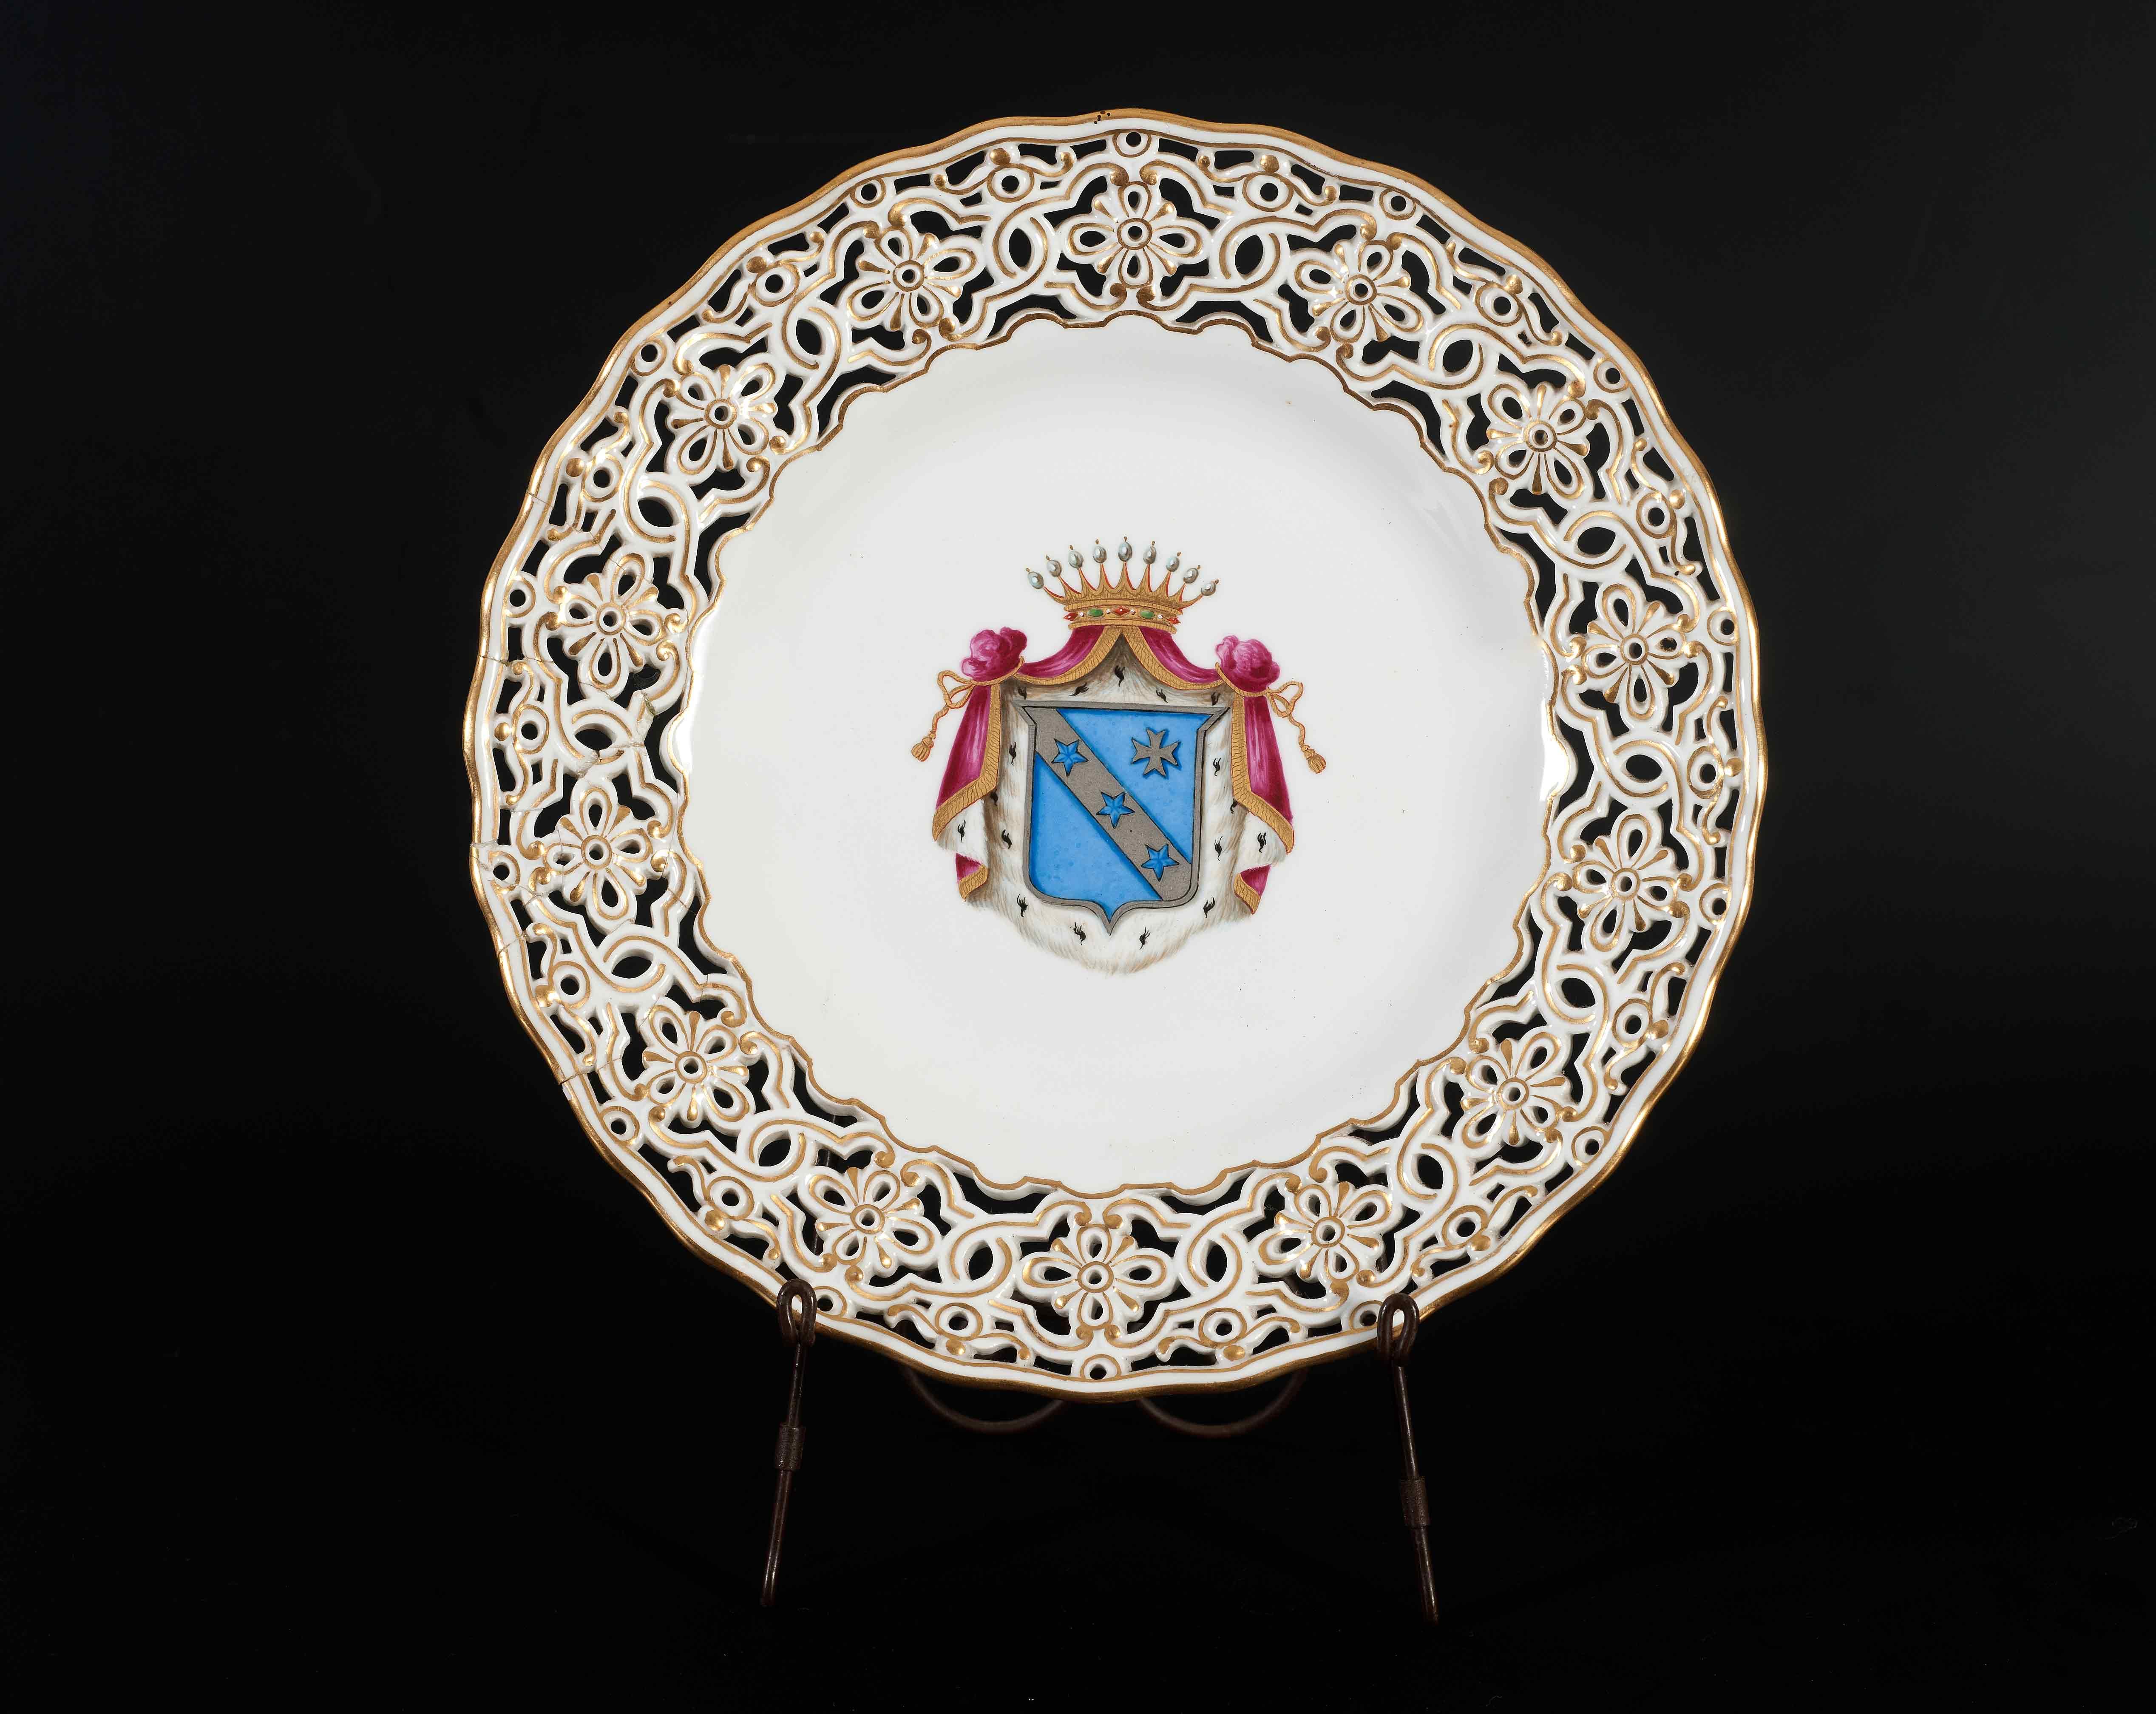 Πιάτο με το οικόσημο της οικογένειας των Καποδίστρια, αρχές 19ου αιώνα - Συλλογή Μουσείου Καποδίστρια ΜΚ020